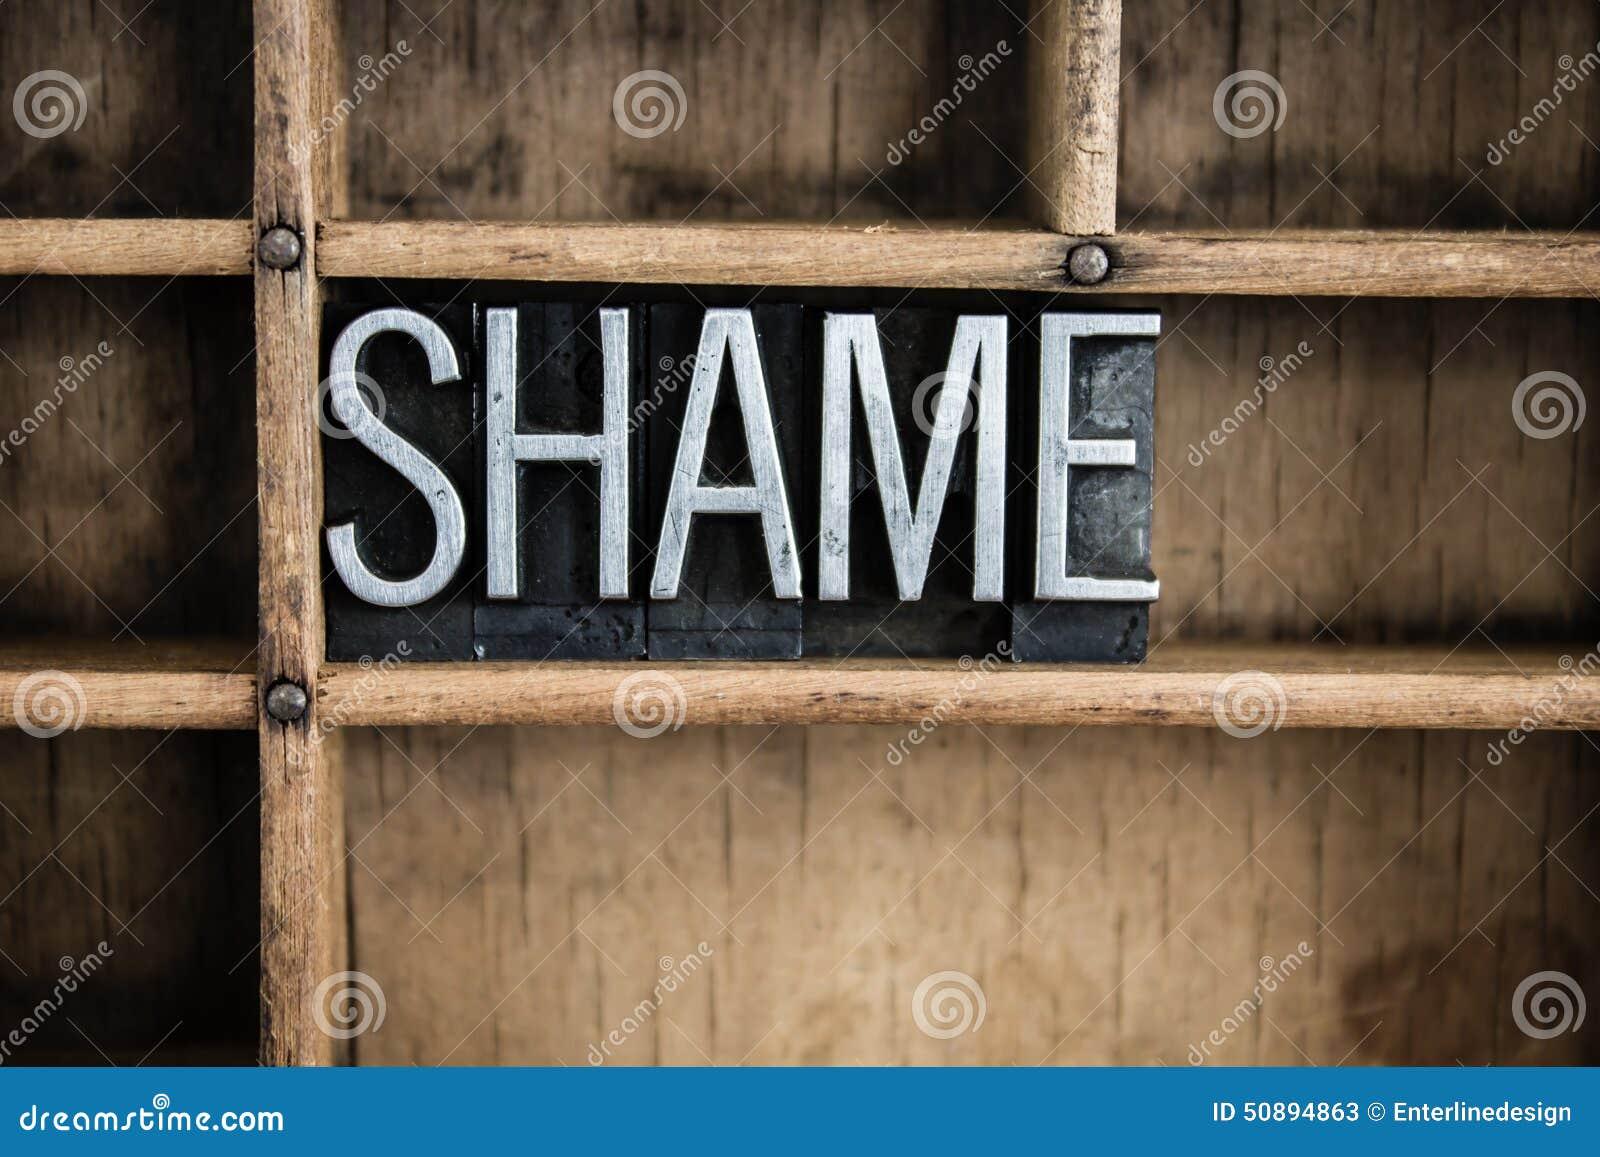 Disgrace Or Public Shame  Letters